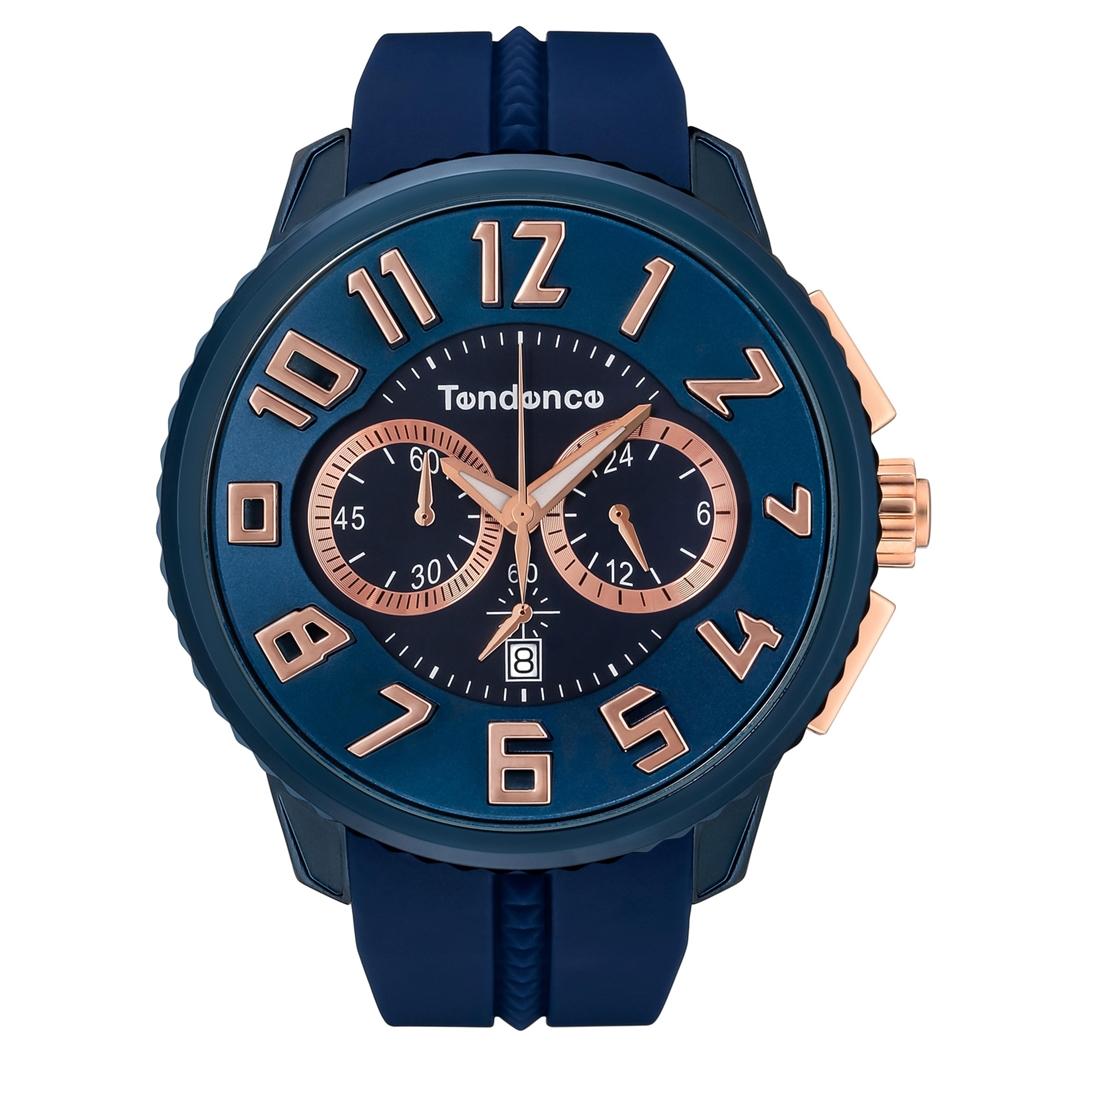 【今ならオーバーサイズノートプレゼント】 テンデンス Tendence TY146008 アルテックガリバー クロノグラフ 正規品 腕時計